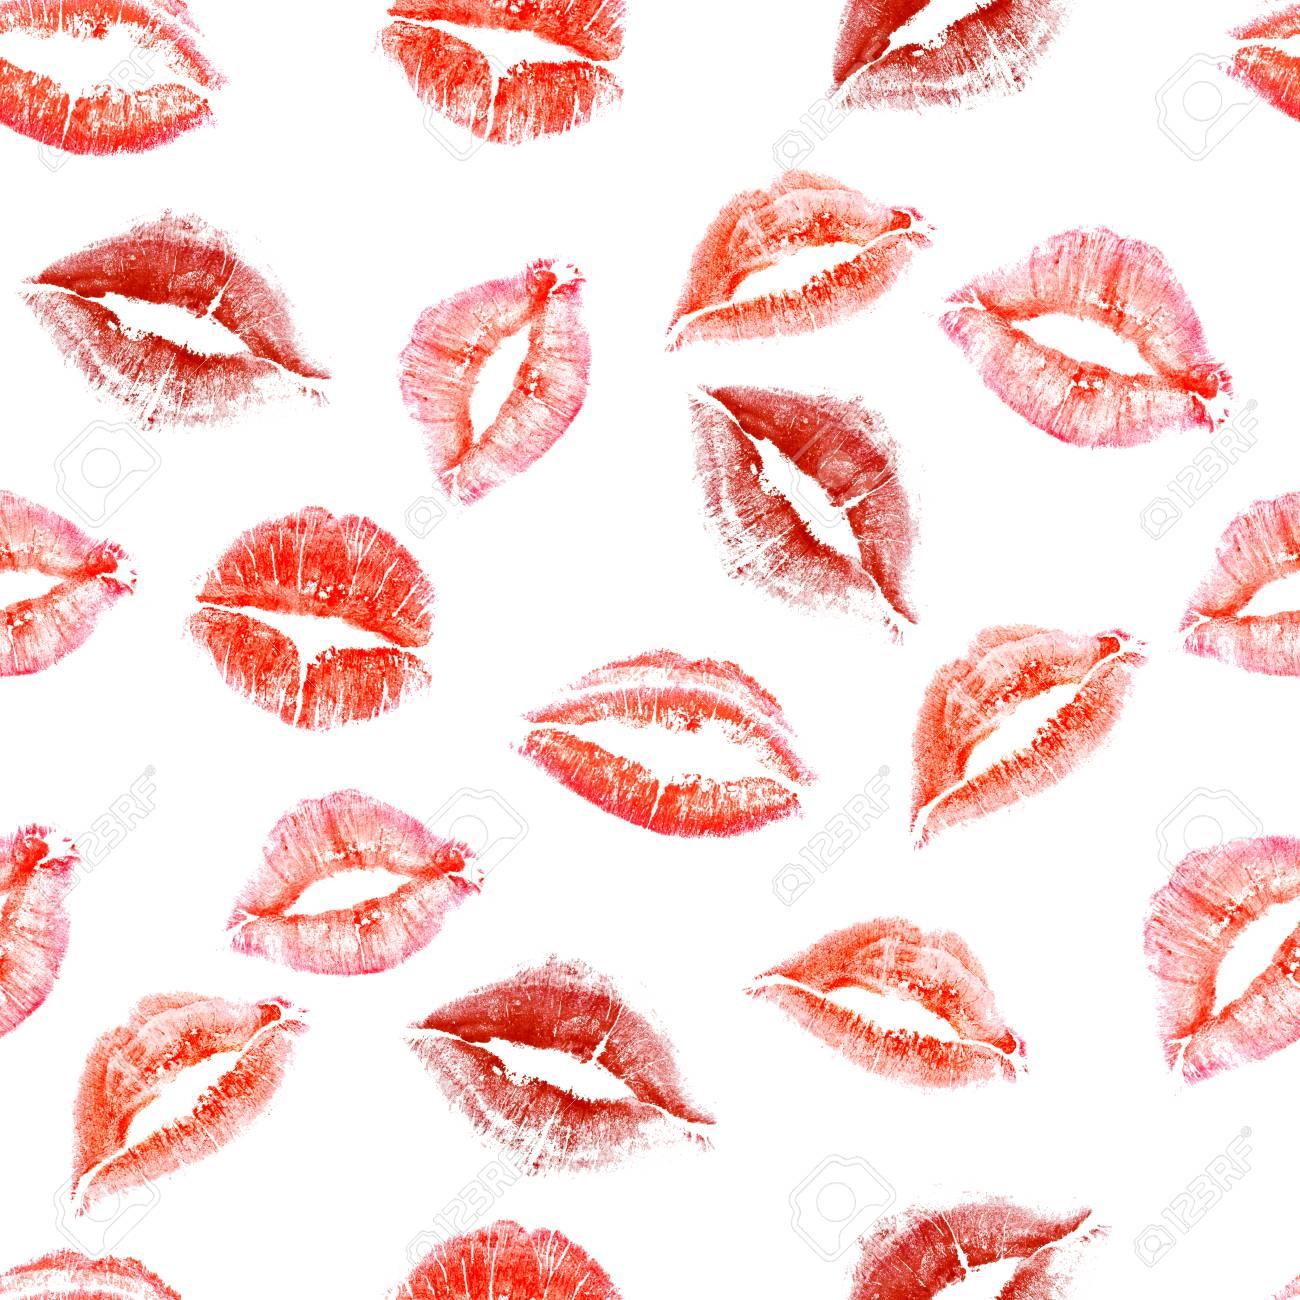 Nahtloses Muster Von Fingerabdrucken Von Liebeskussen Auf Weissem